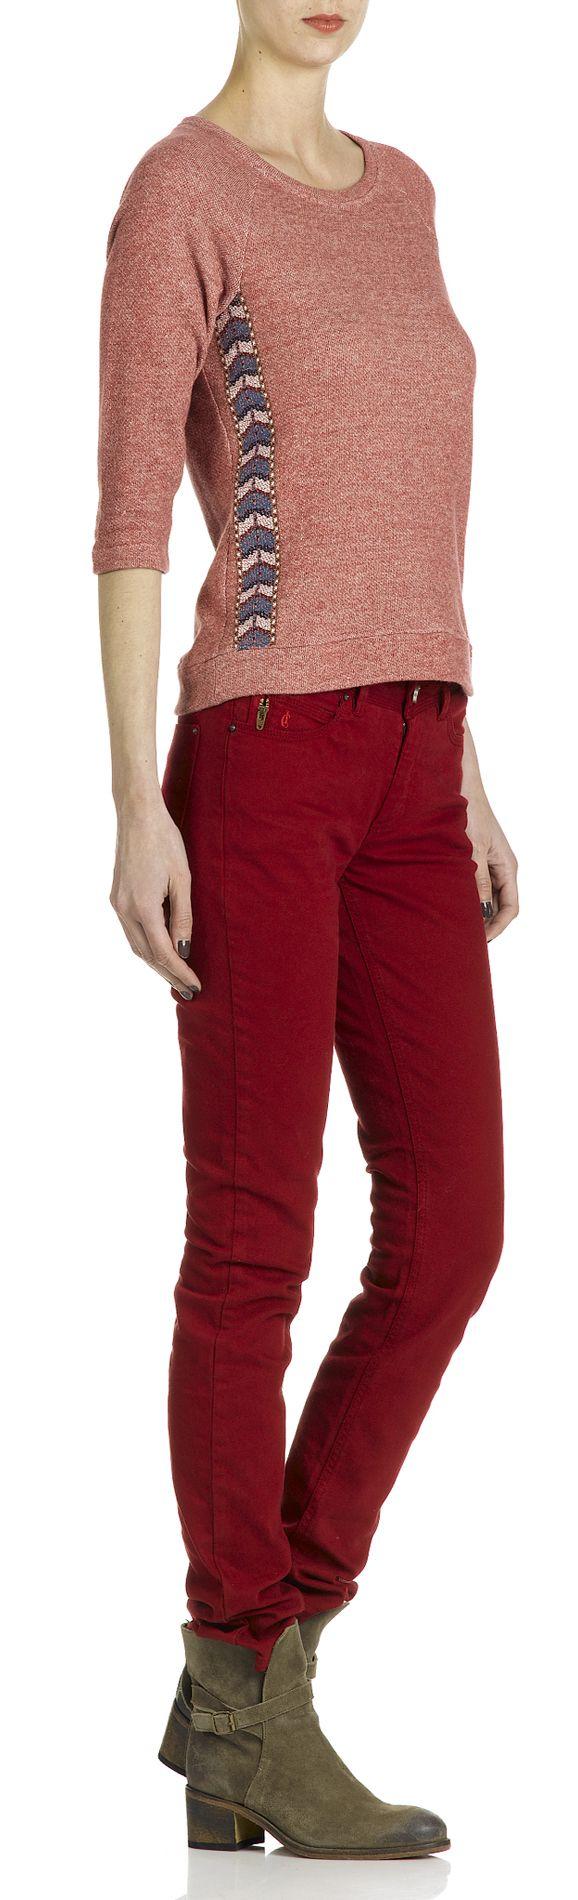 Sweat fantaisie Rouge I CODE BY IKKS FEMME - Boutique en ligne I CODE BY IKKS - Collection Automne Hiver 2013/2014 - Place des Tendances.